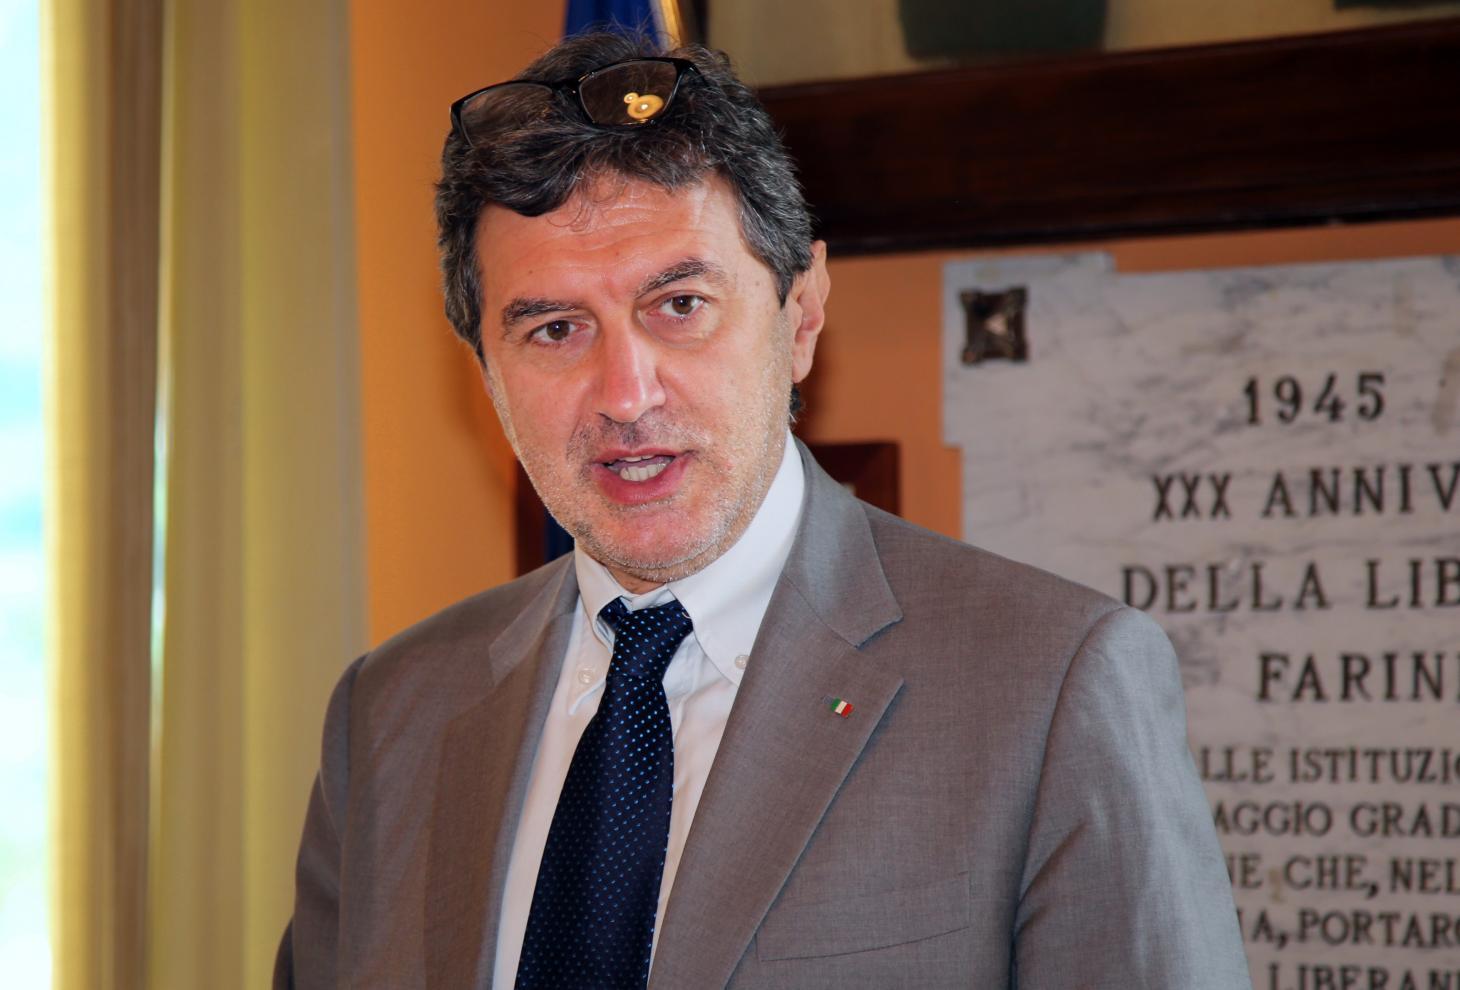 Il presidente della Regione Abruzzo, Marco Marsilio